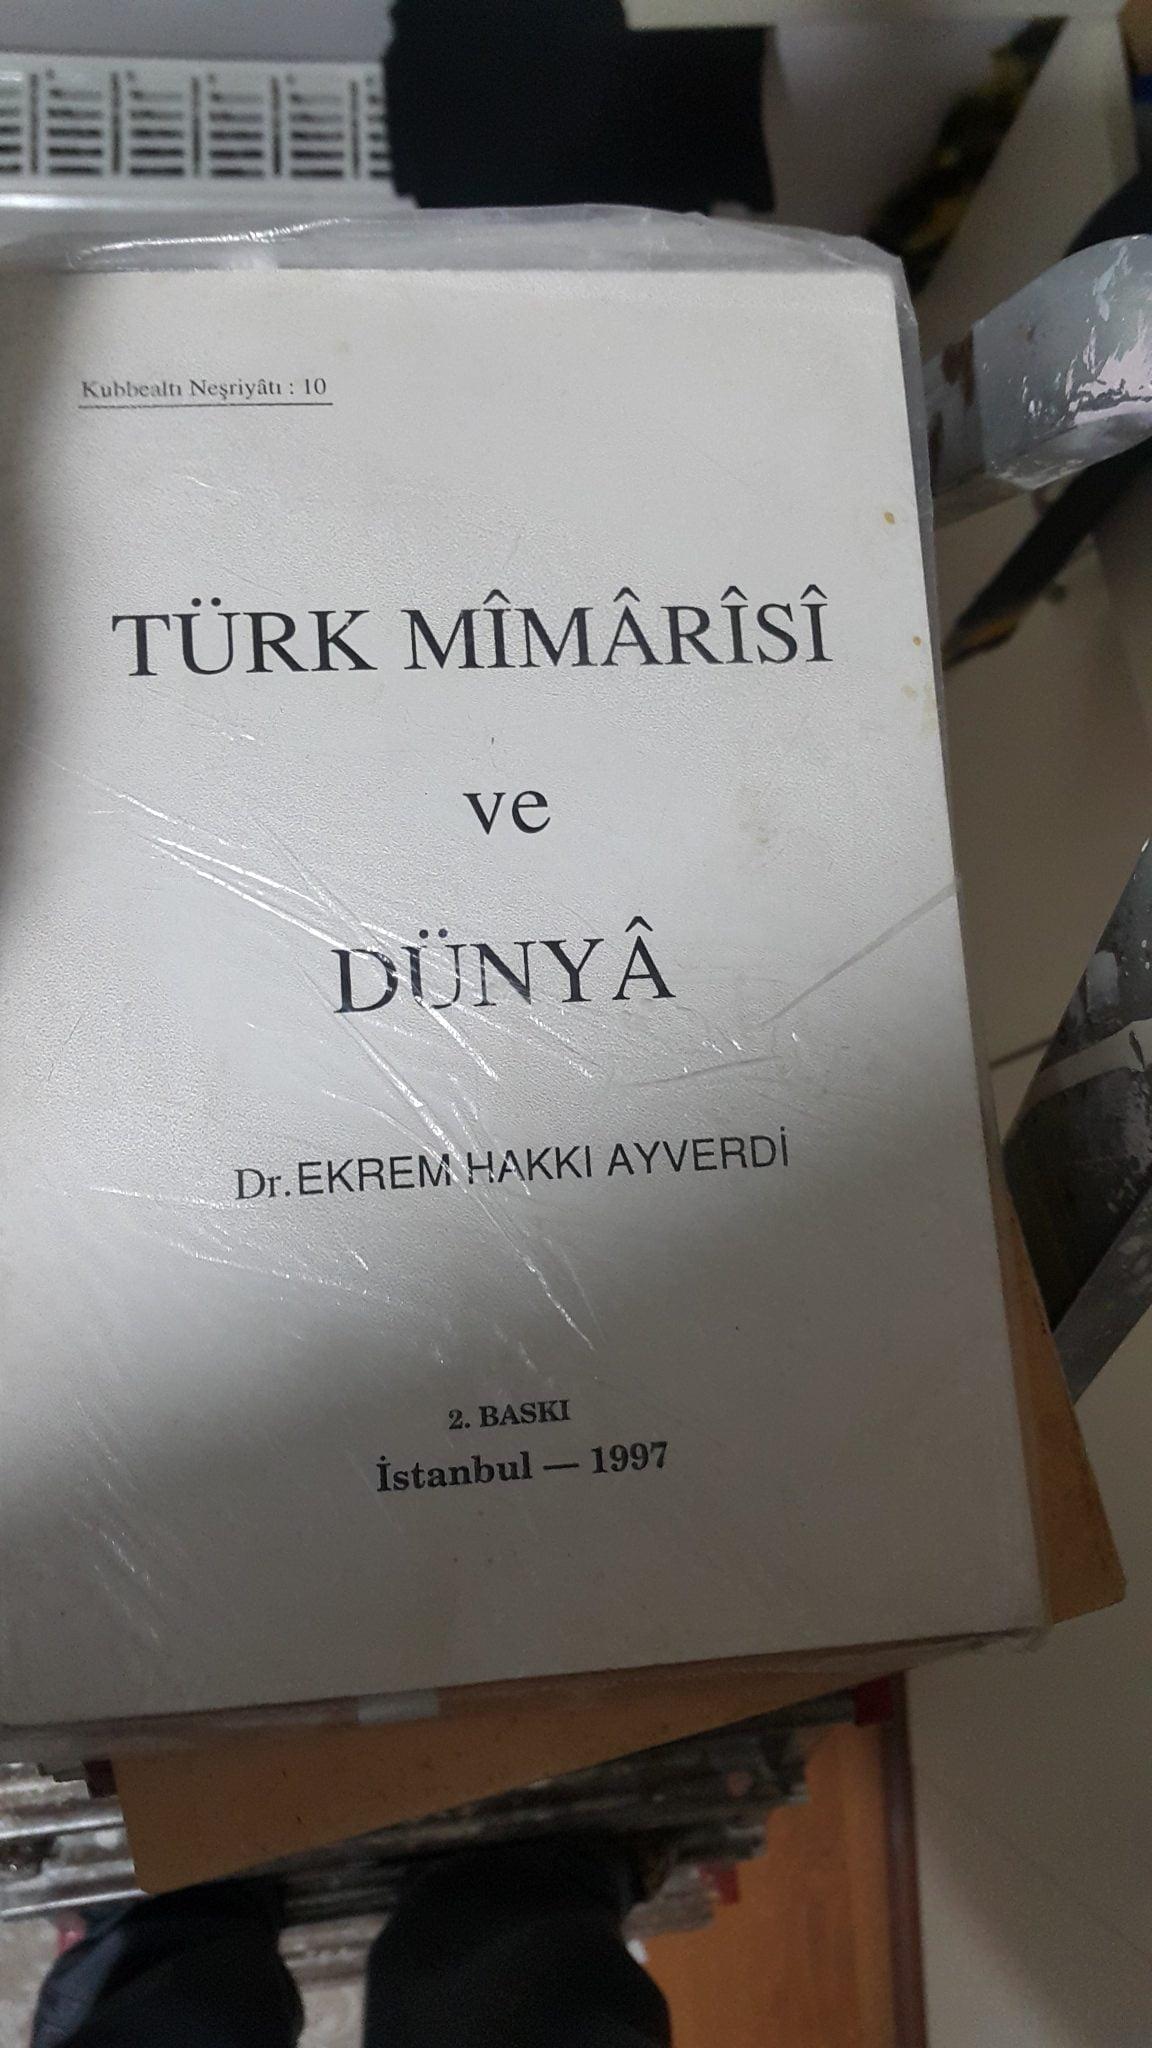 TÜRK MİMARİSİ VE DÜNYA/Ekrem Hakkı Ayverdi